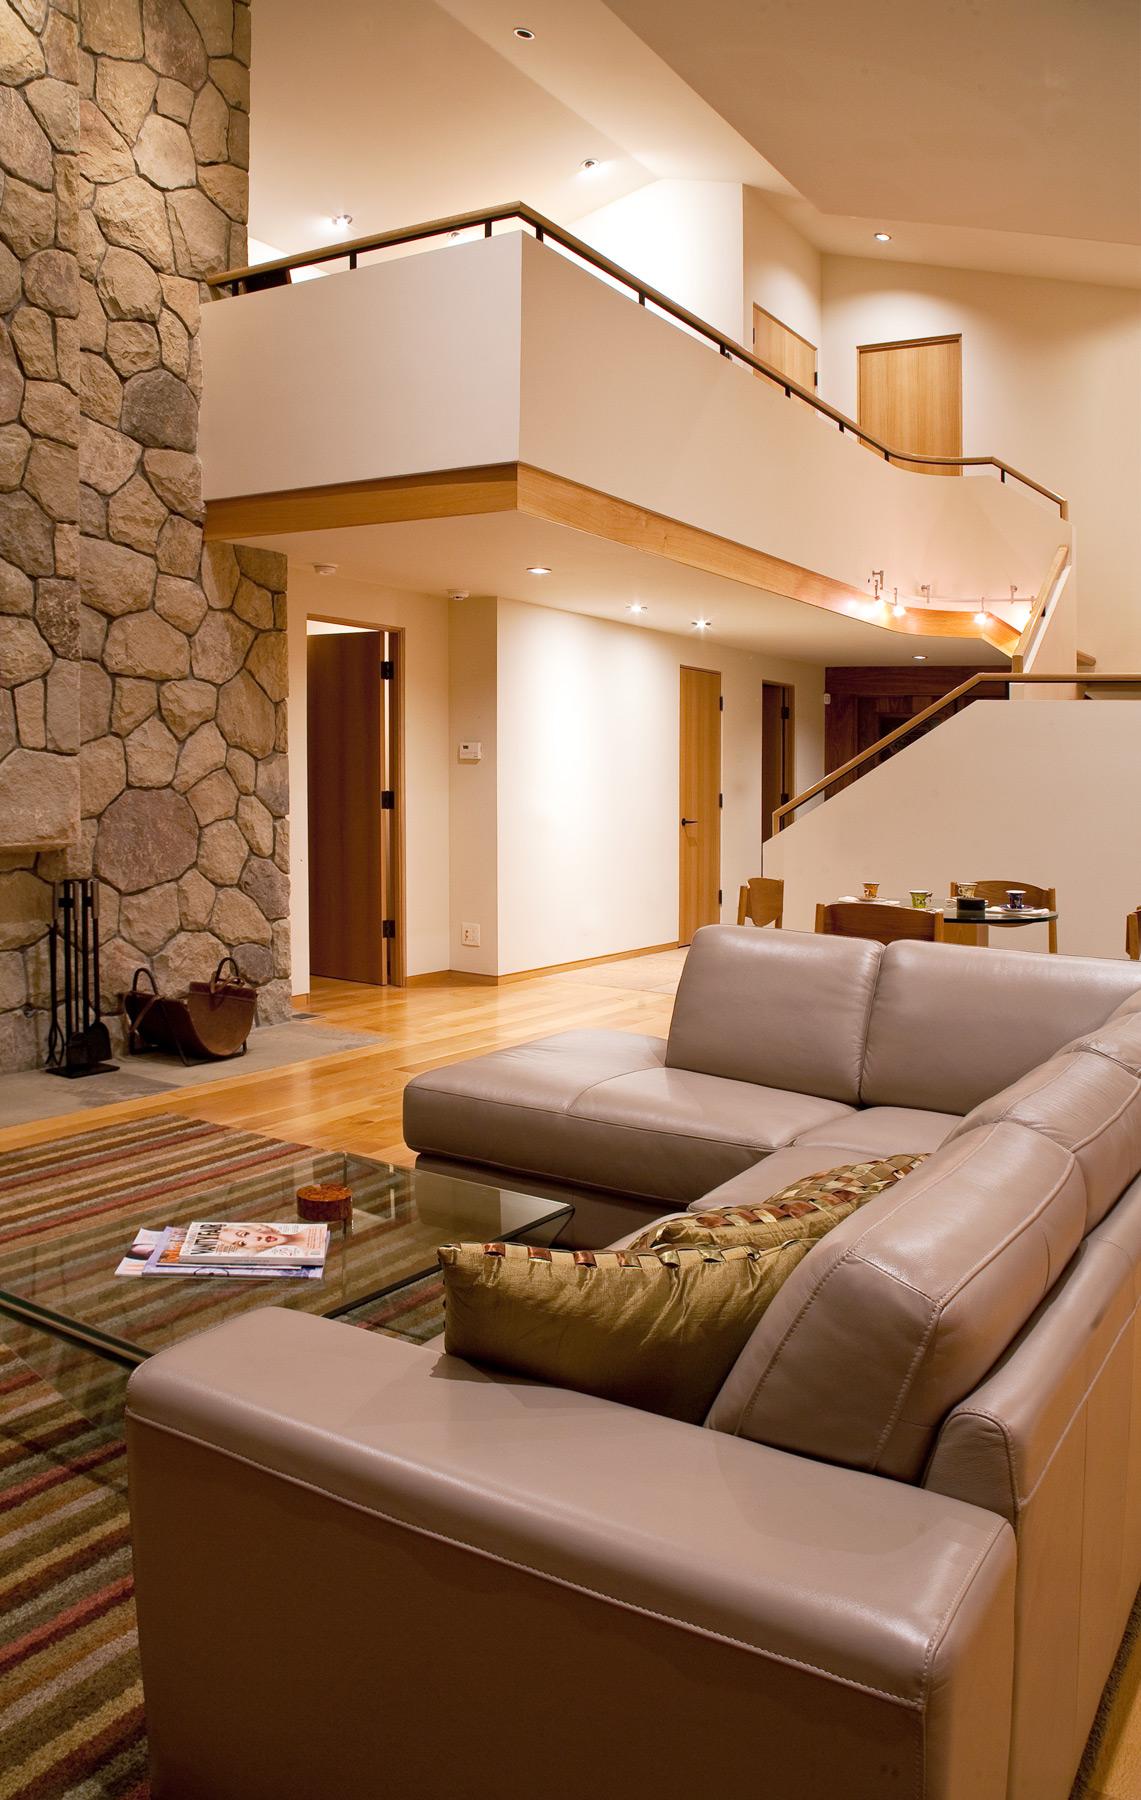 interior_living_room_SantaBarbara.jpg